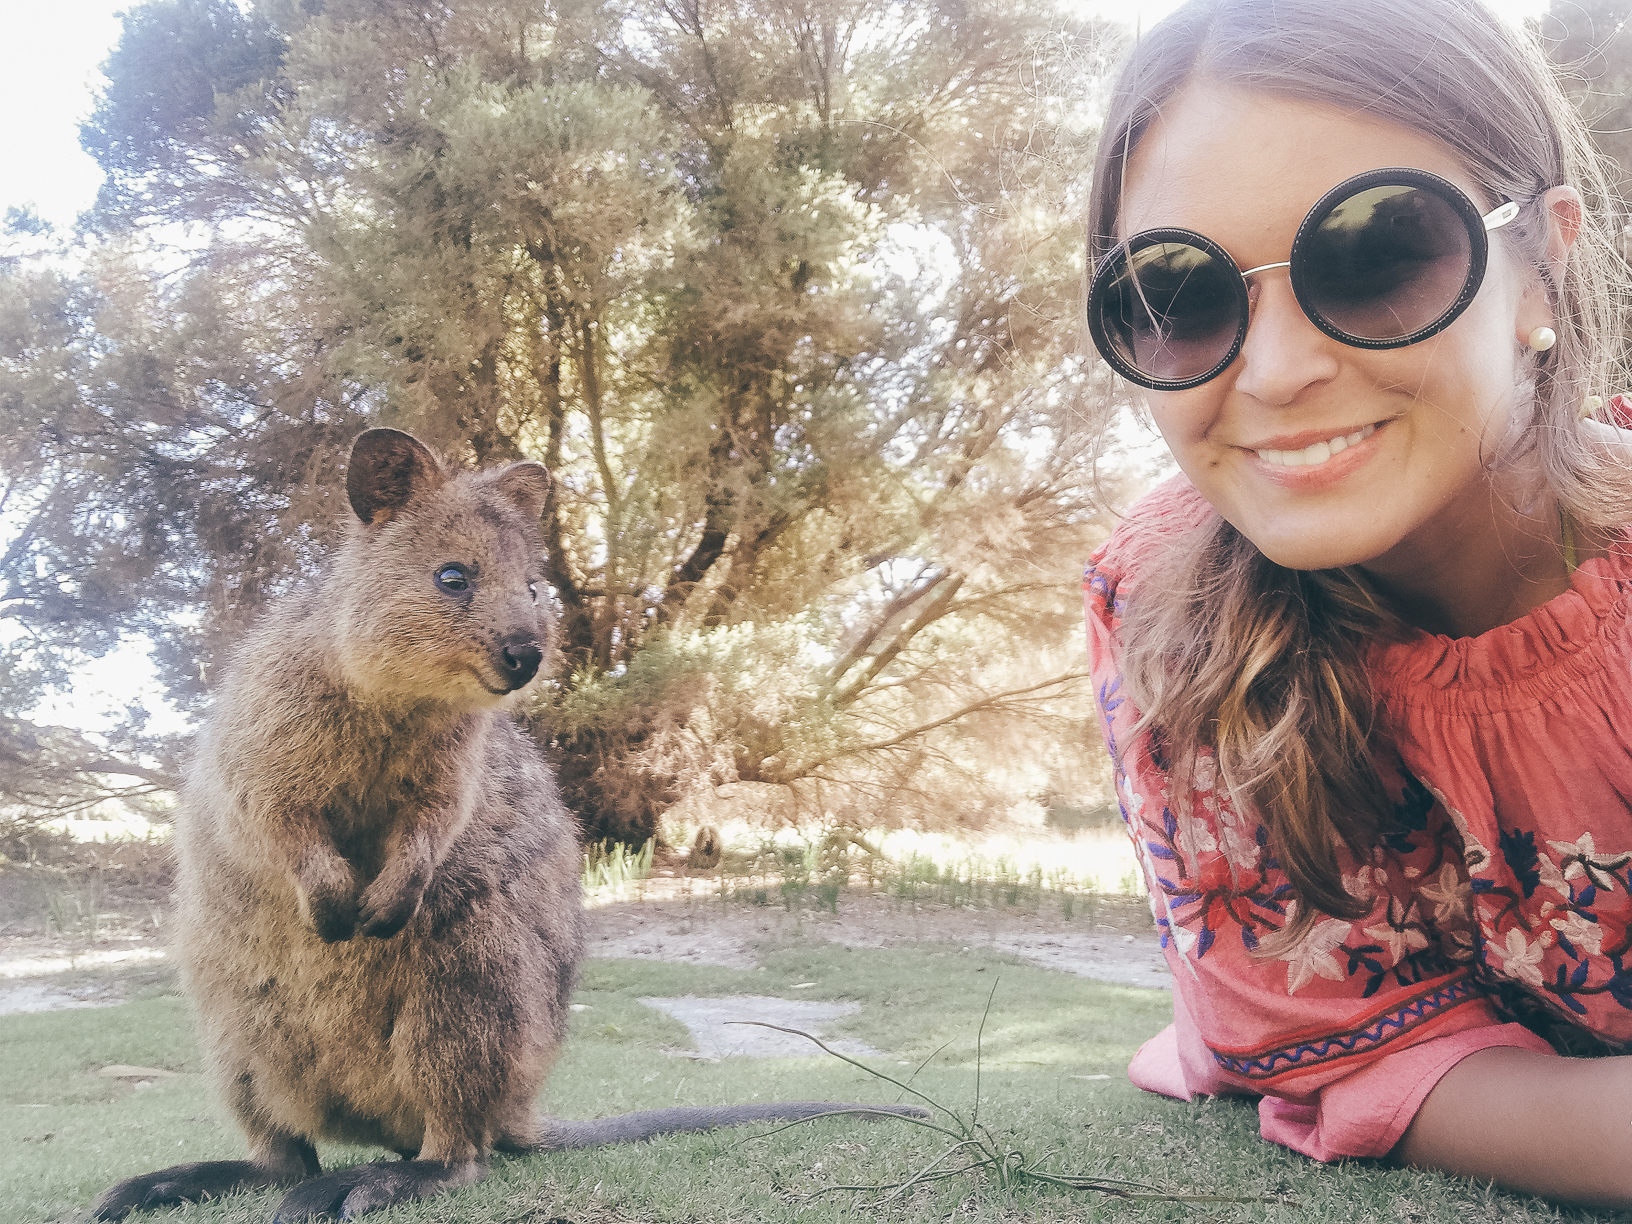 Quokka Selfie Rottnest Island Australien